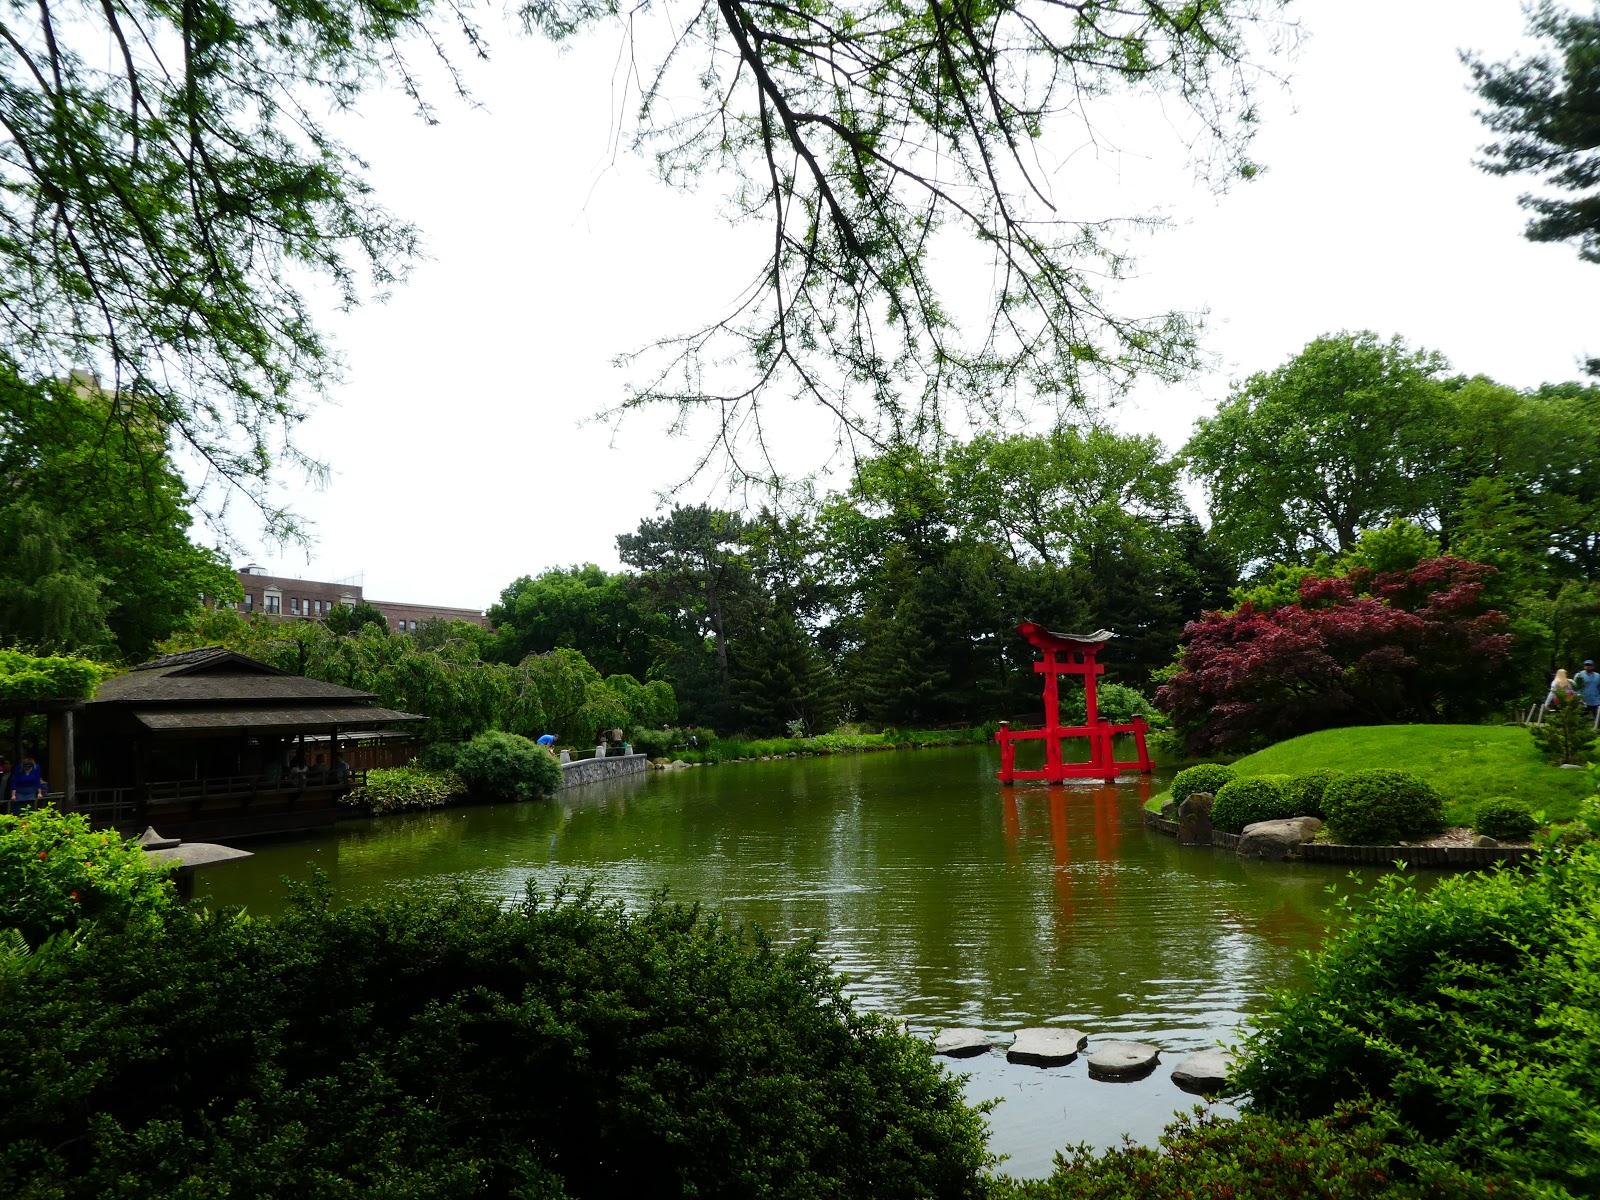 Cuaderno de viajes new york el jard n bot nico de brooklyn - Jardin japones pequeno ...